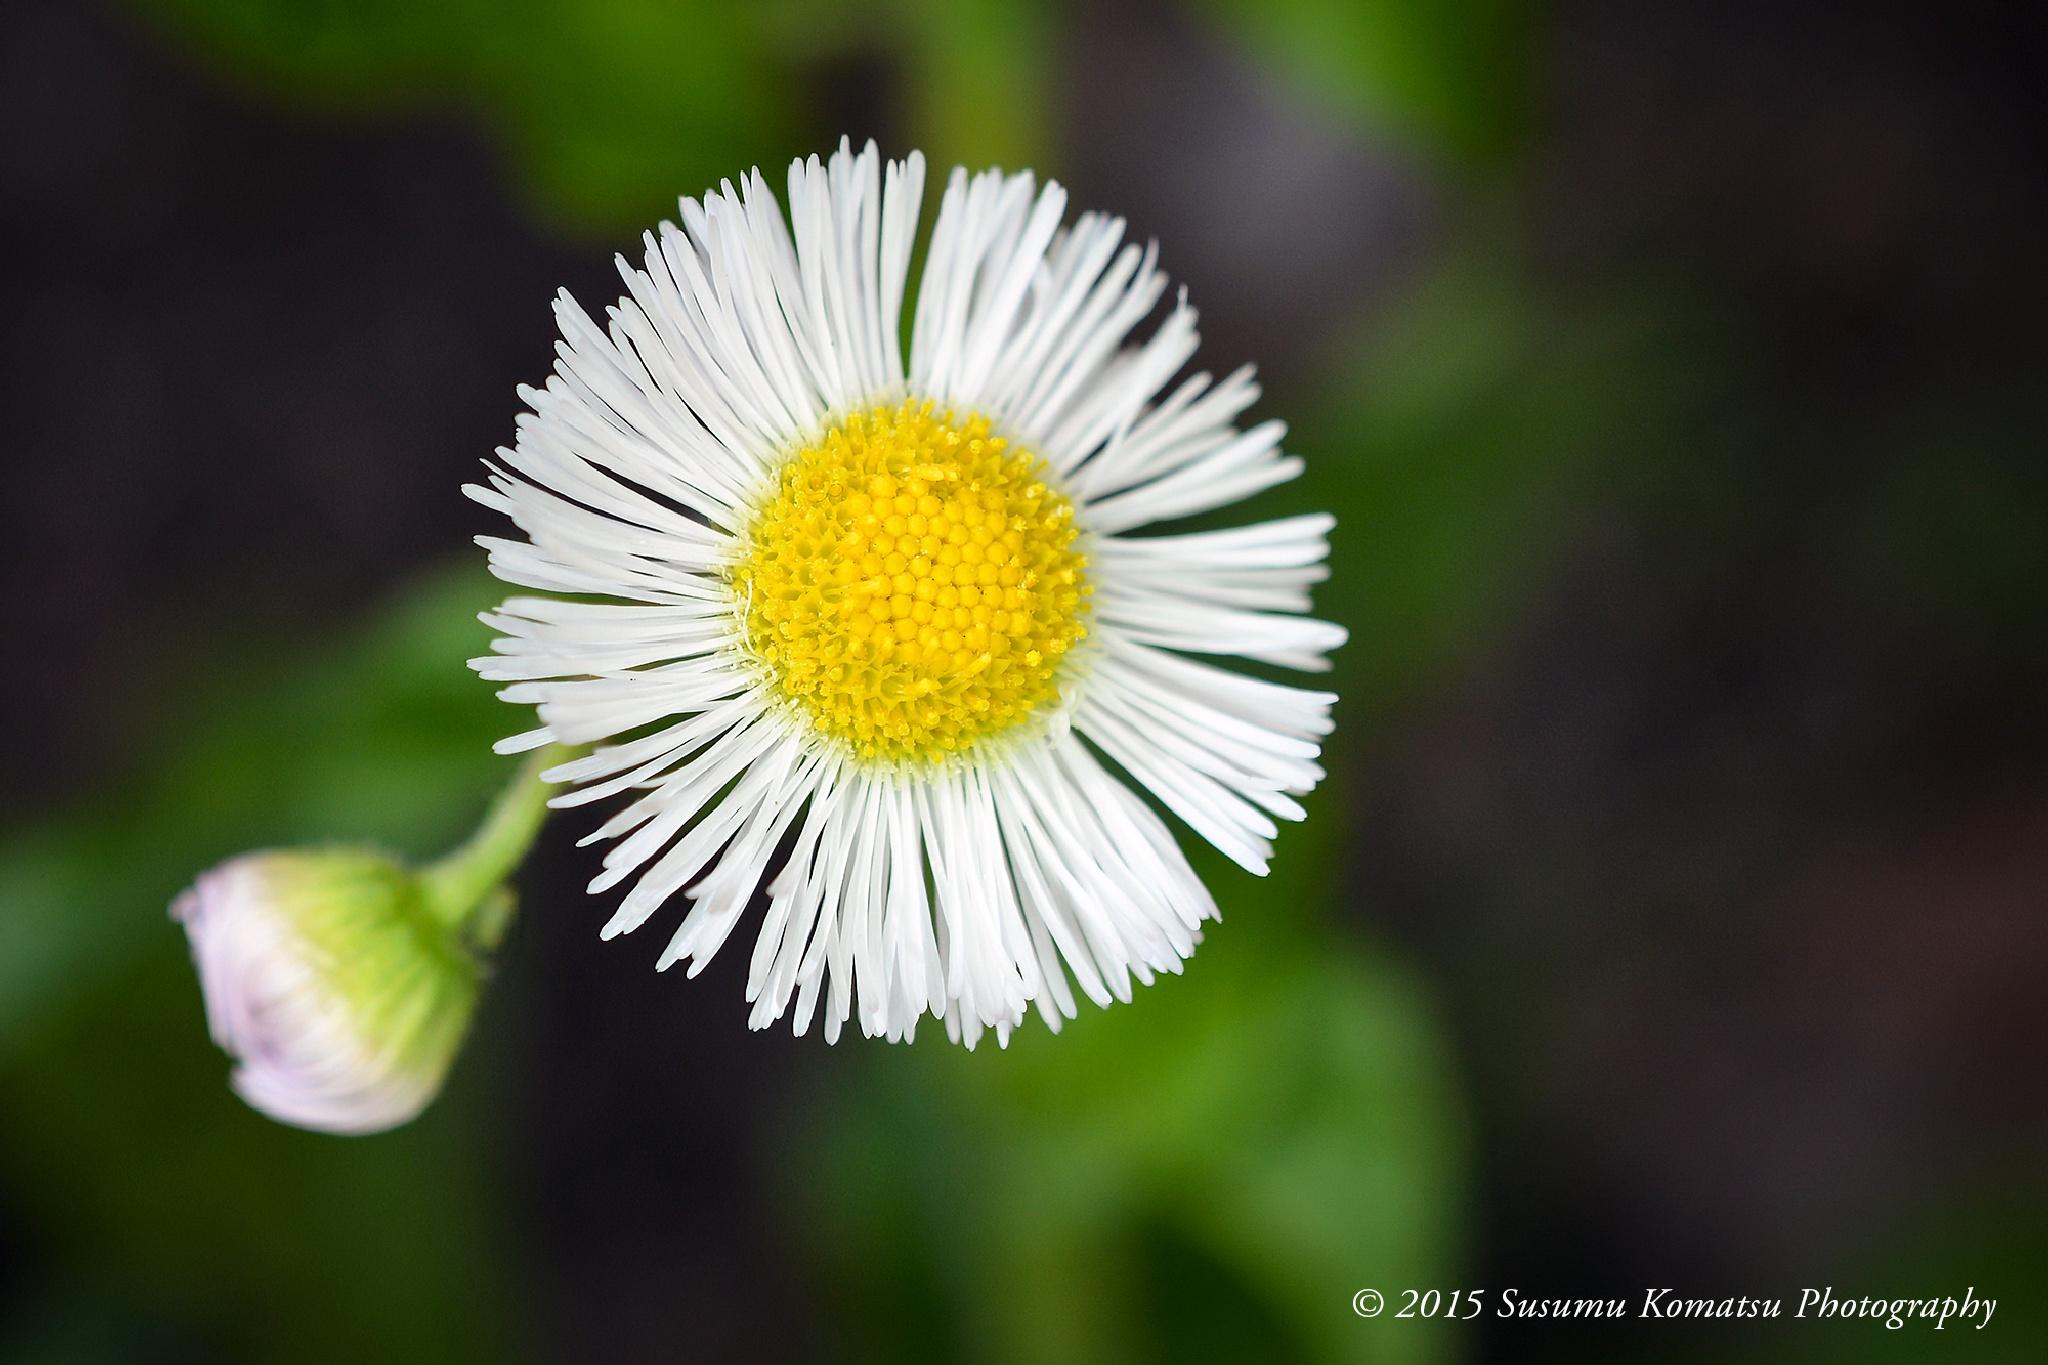 Daisy by Susumu Komatsu